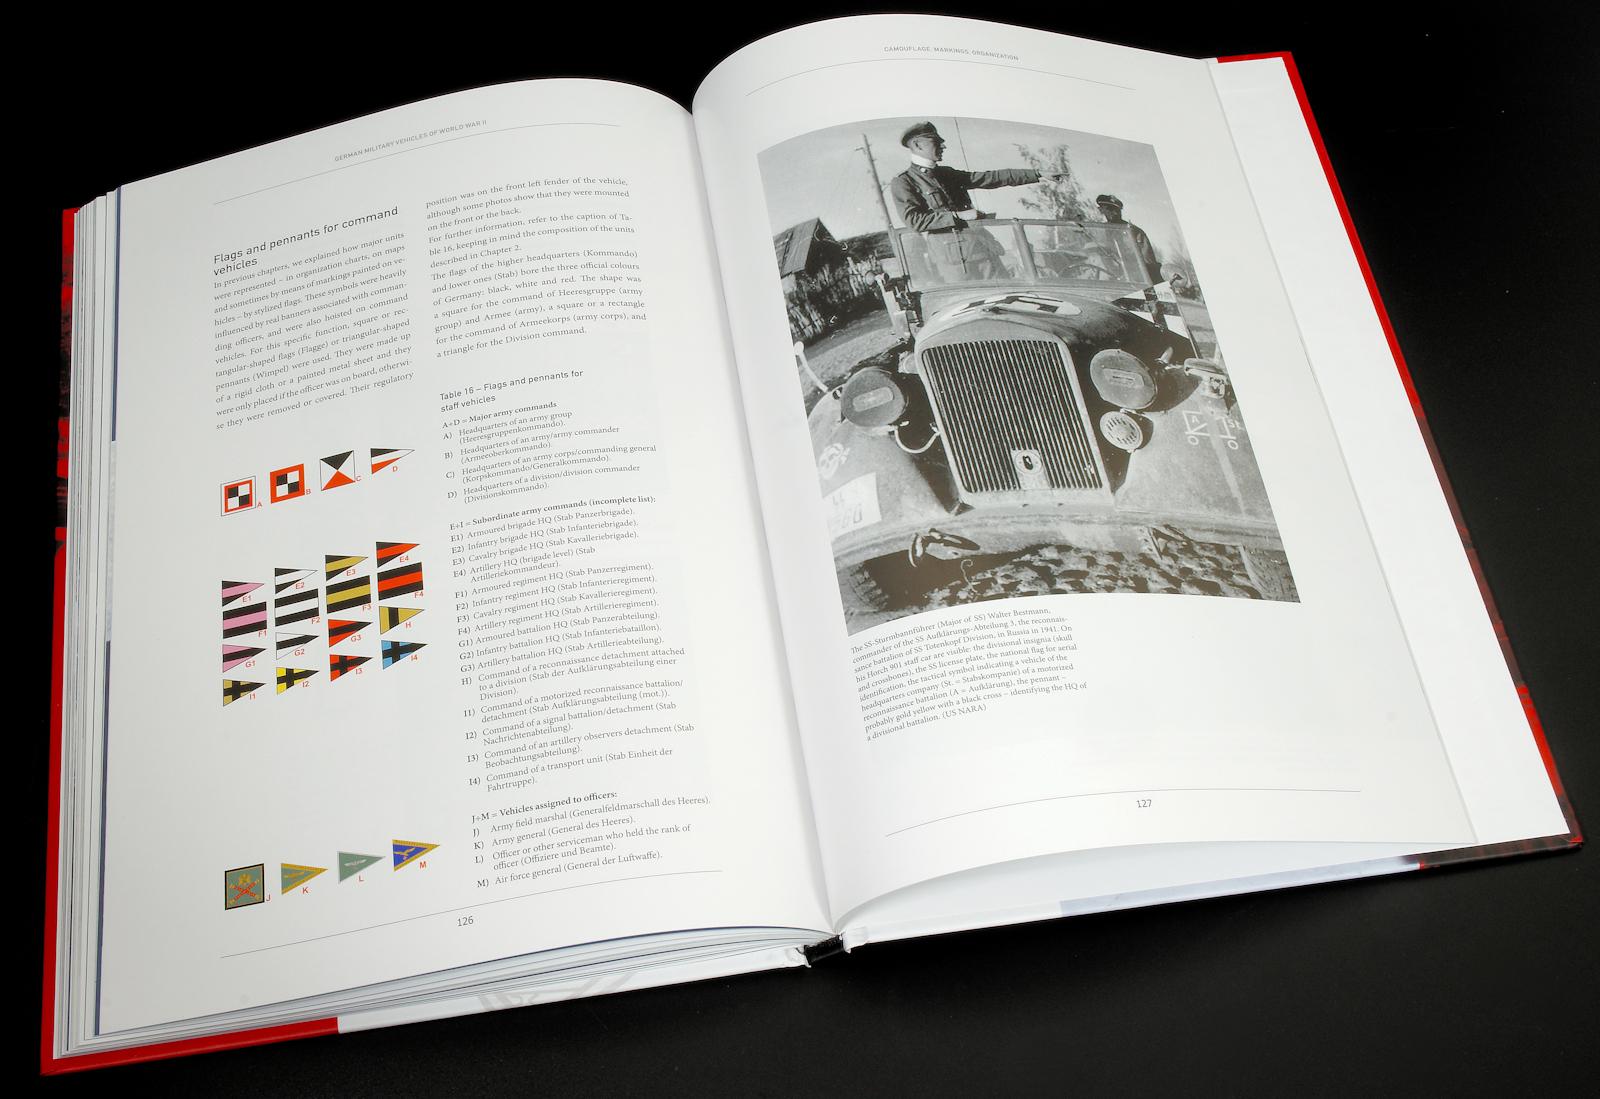 MIG6035 Panzer DNA book by Guglielmi /& Pieri